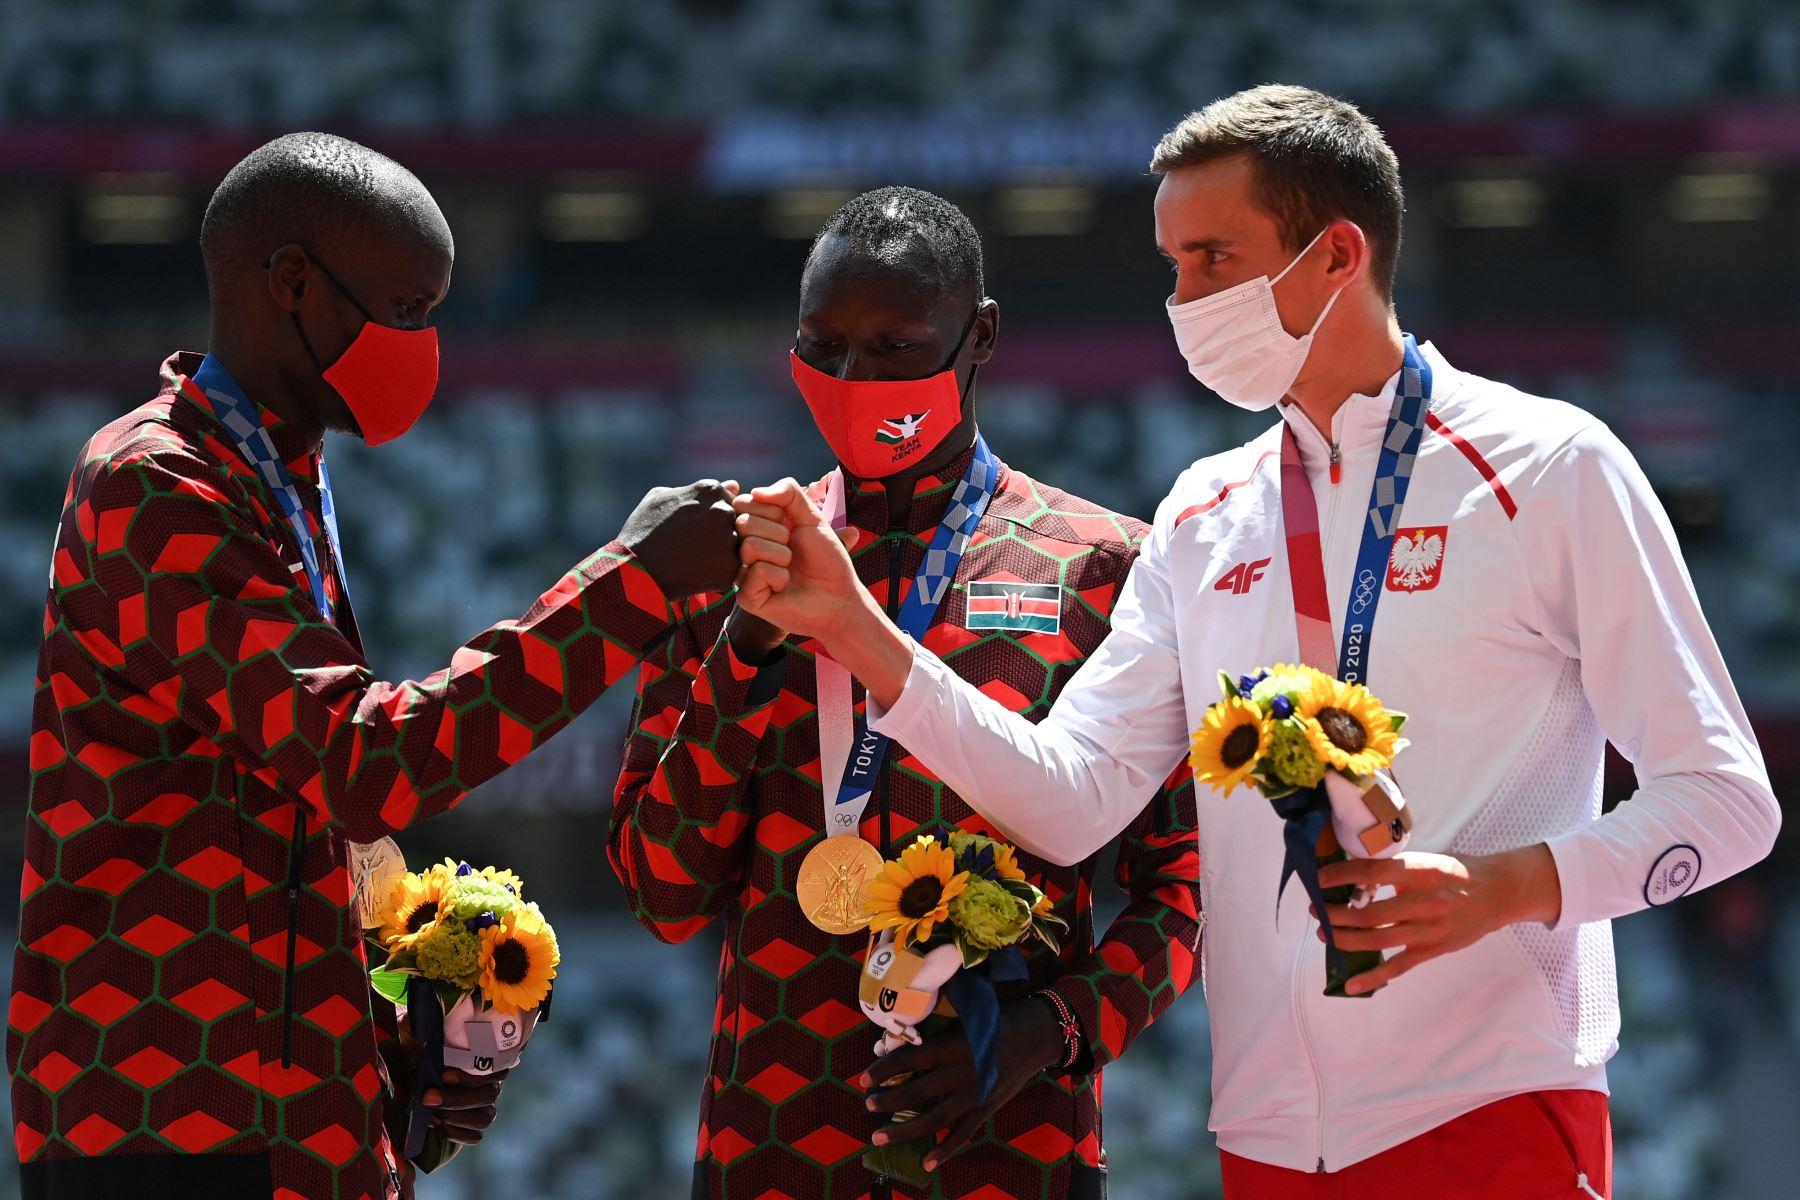 Ferguson Cheruiyot Rotich de Kenia, segundo clasificado, Emmanuel Kipkurui Korir de Kenia, primer clasificado, y Patryk Dobek, de Polonia, tercero, celebran en el podio después de competir en el evento masculino de 800 metros durante los Juegos Olímpicos de Tokio 2020.Foto:AFP